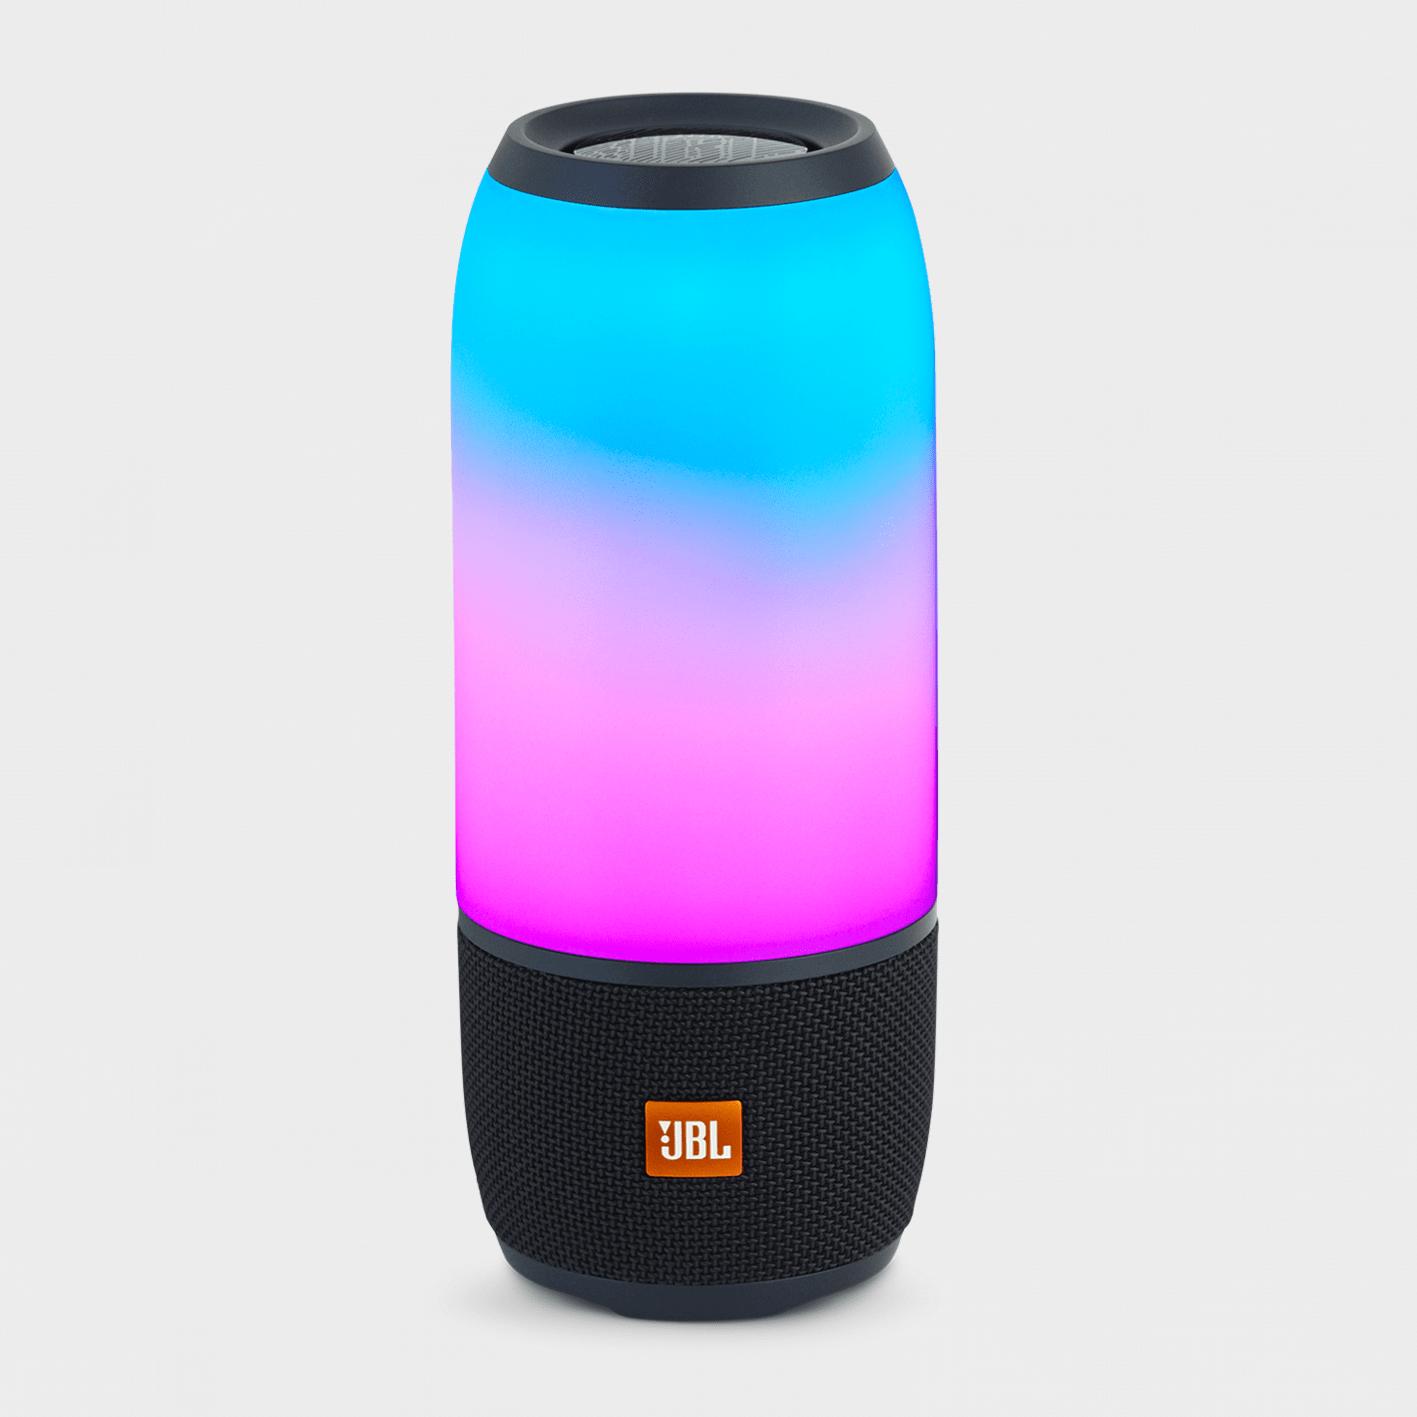 Jbl Pulse 3 Bluetooth Speakers In Qatar Doha Discountsqatar Com